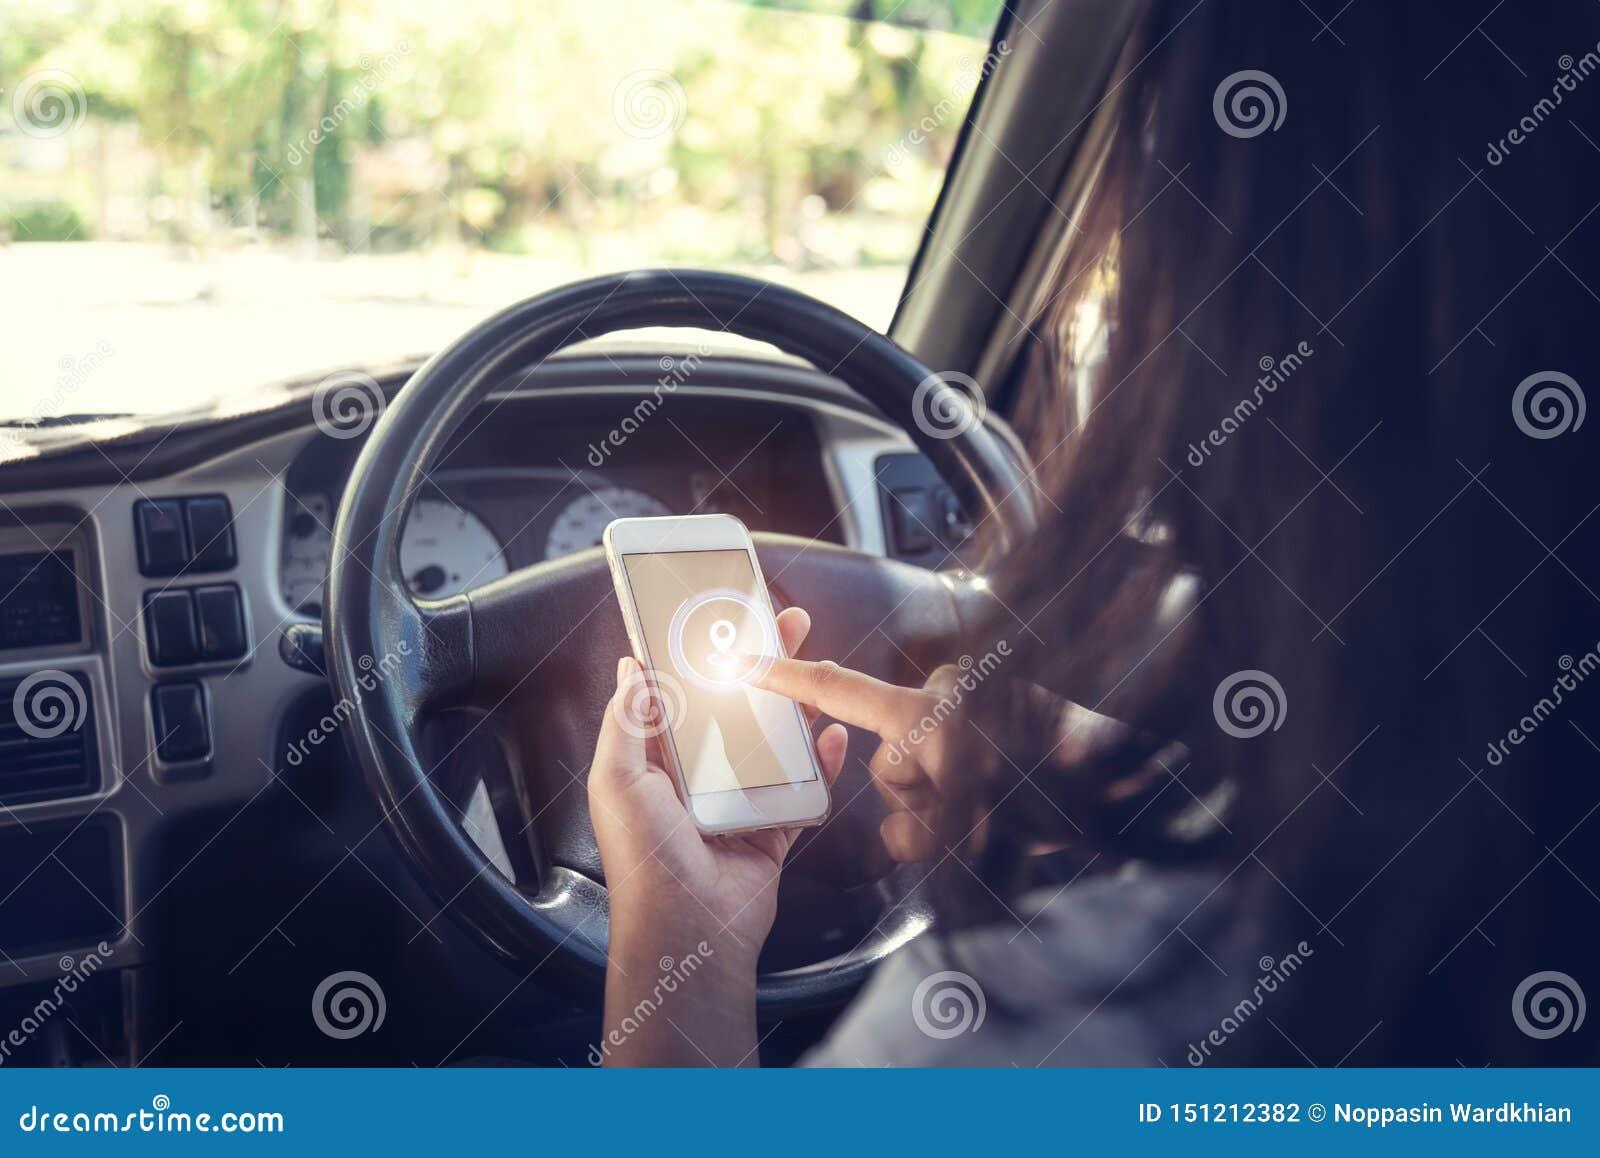 Coche contra el hombre de negocios que usa un smartphone